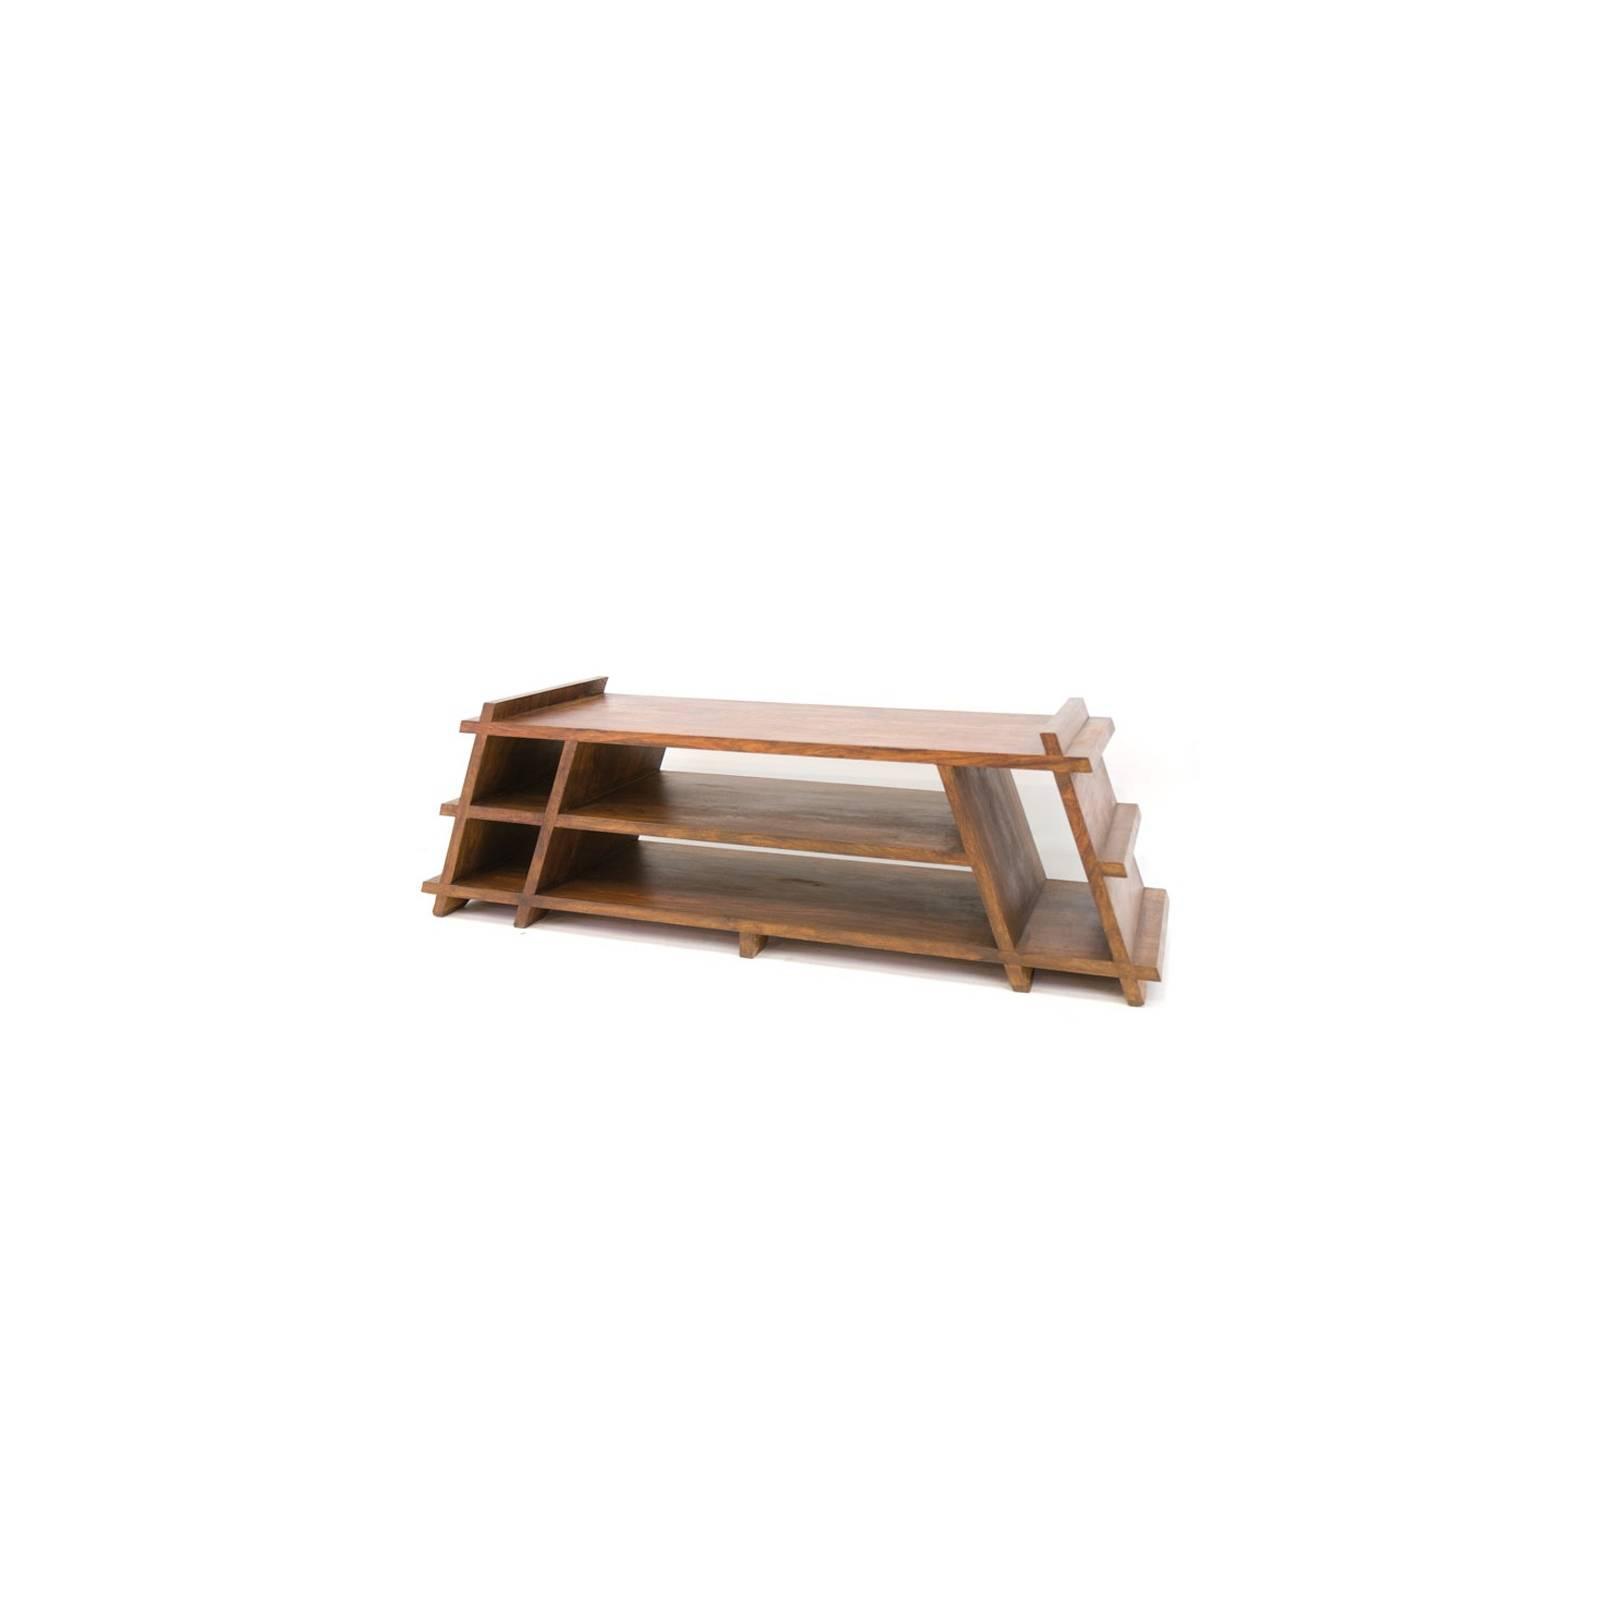 Meuble Tv Pyramide Lhassa Palissandre - meuble tendance coloniale